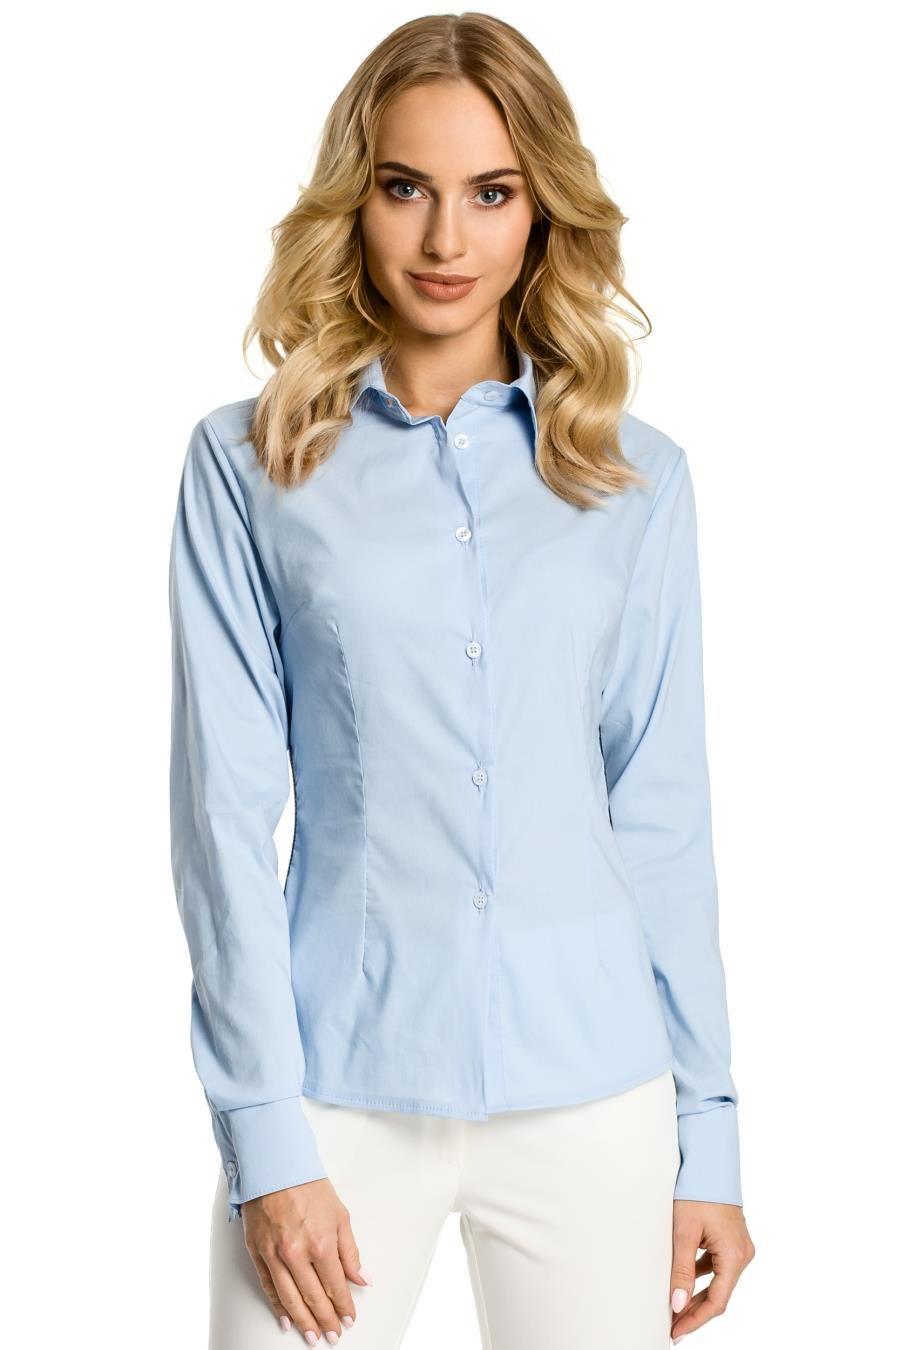 Błękitna koszula damska 2020 elegancka, modna, piękna  IQtBC